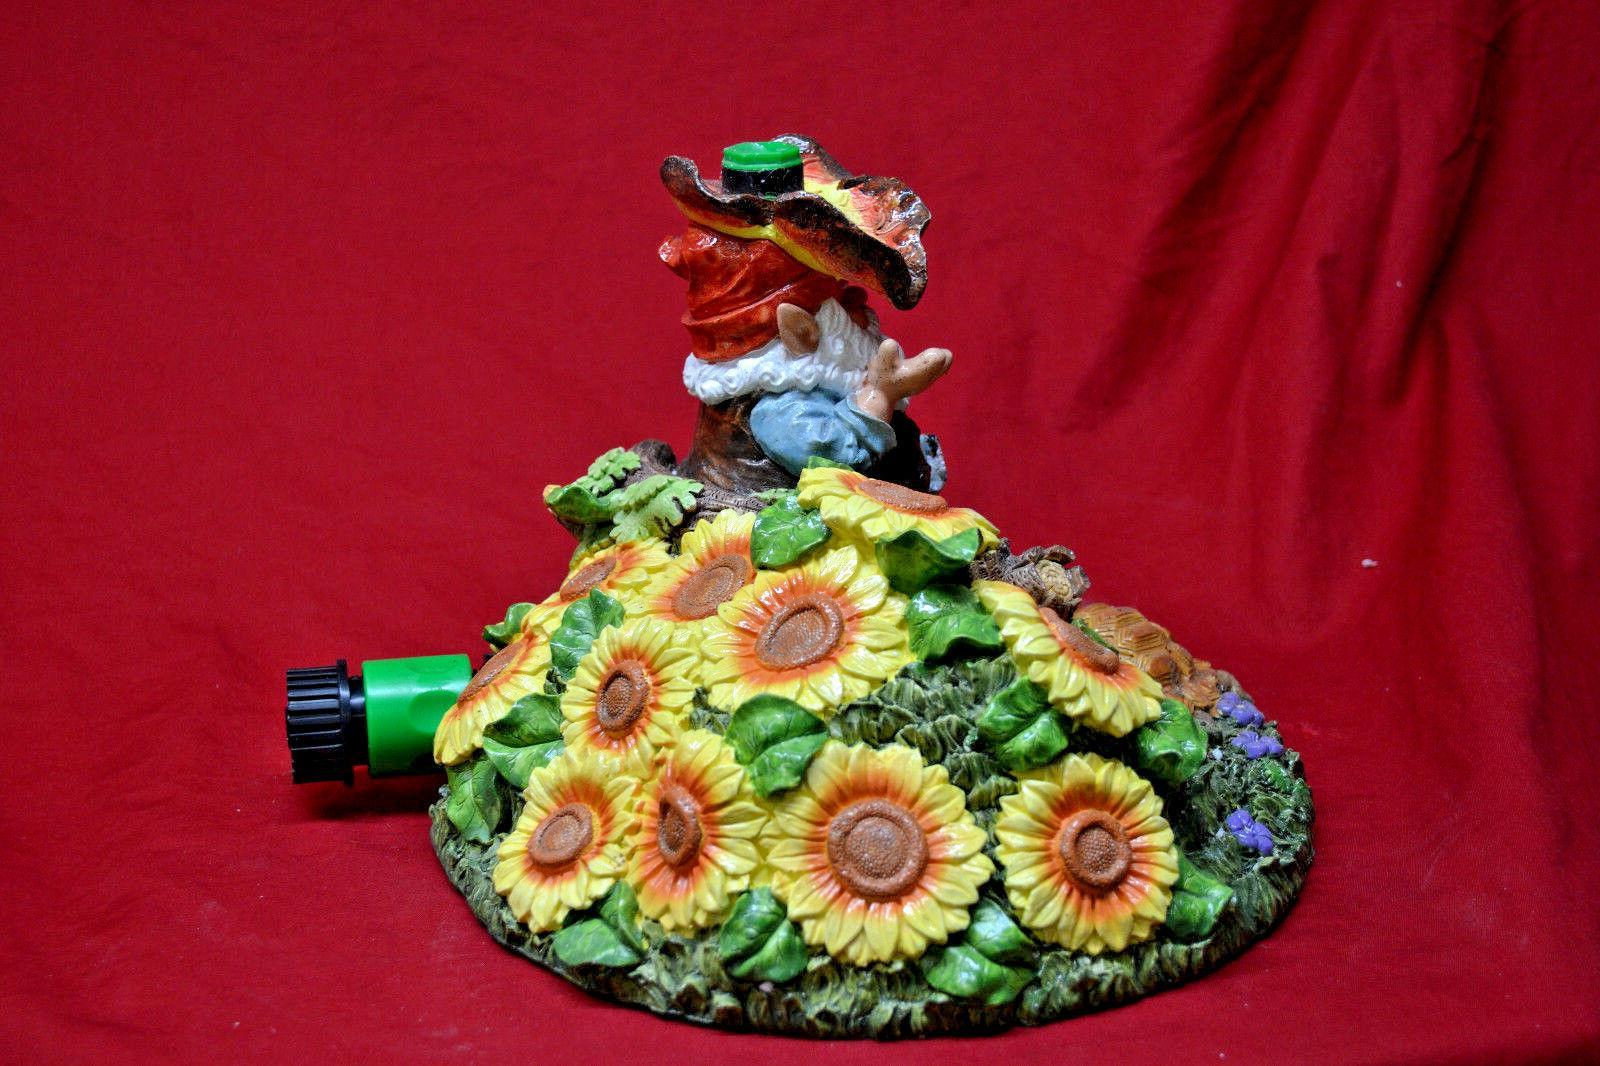 Decorative Gnome Lawn Soaker NEW